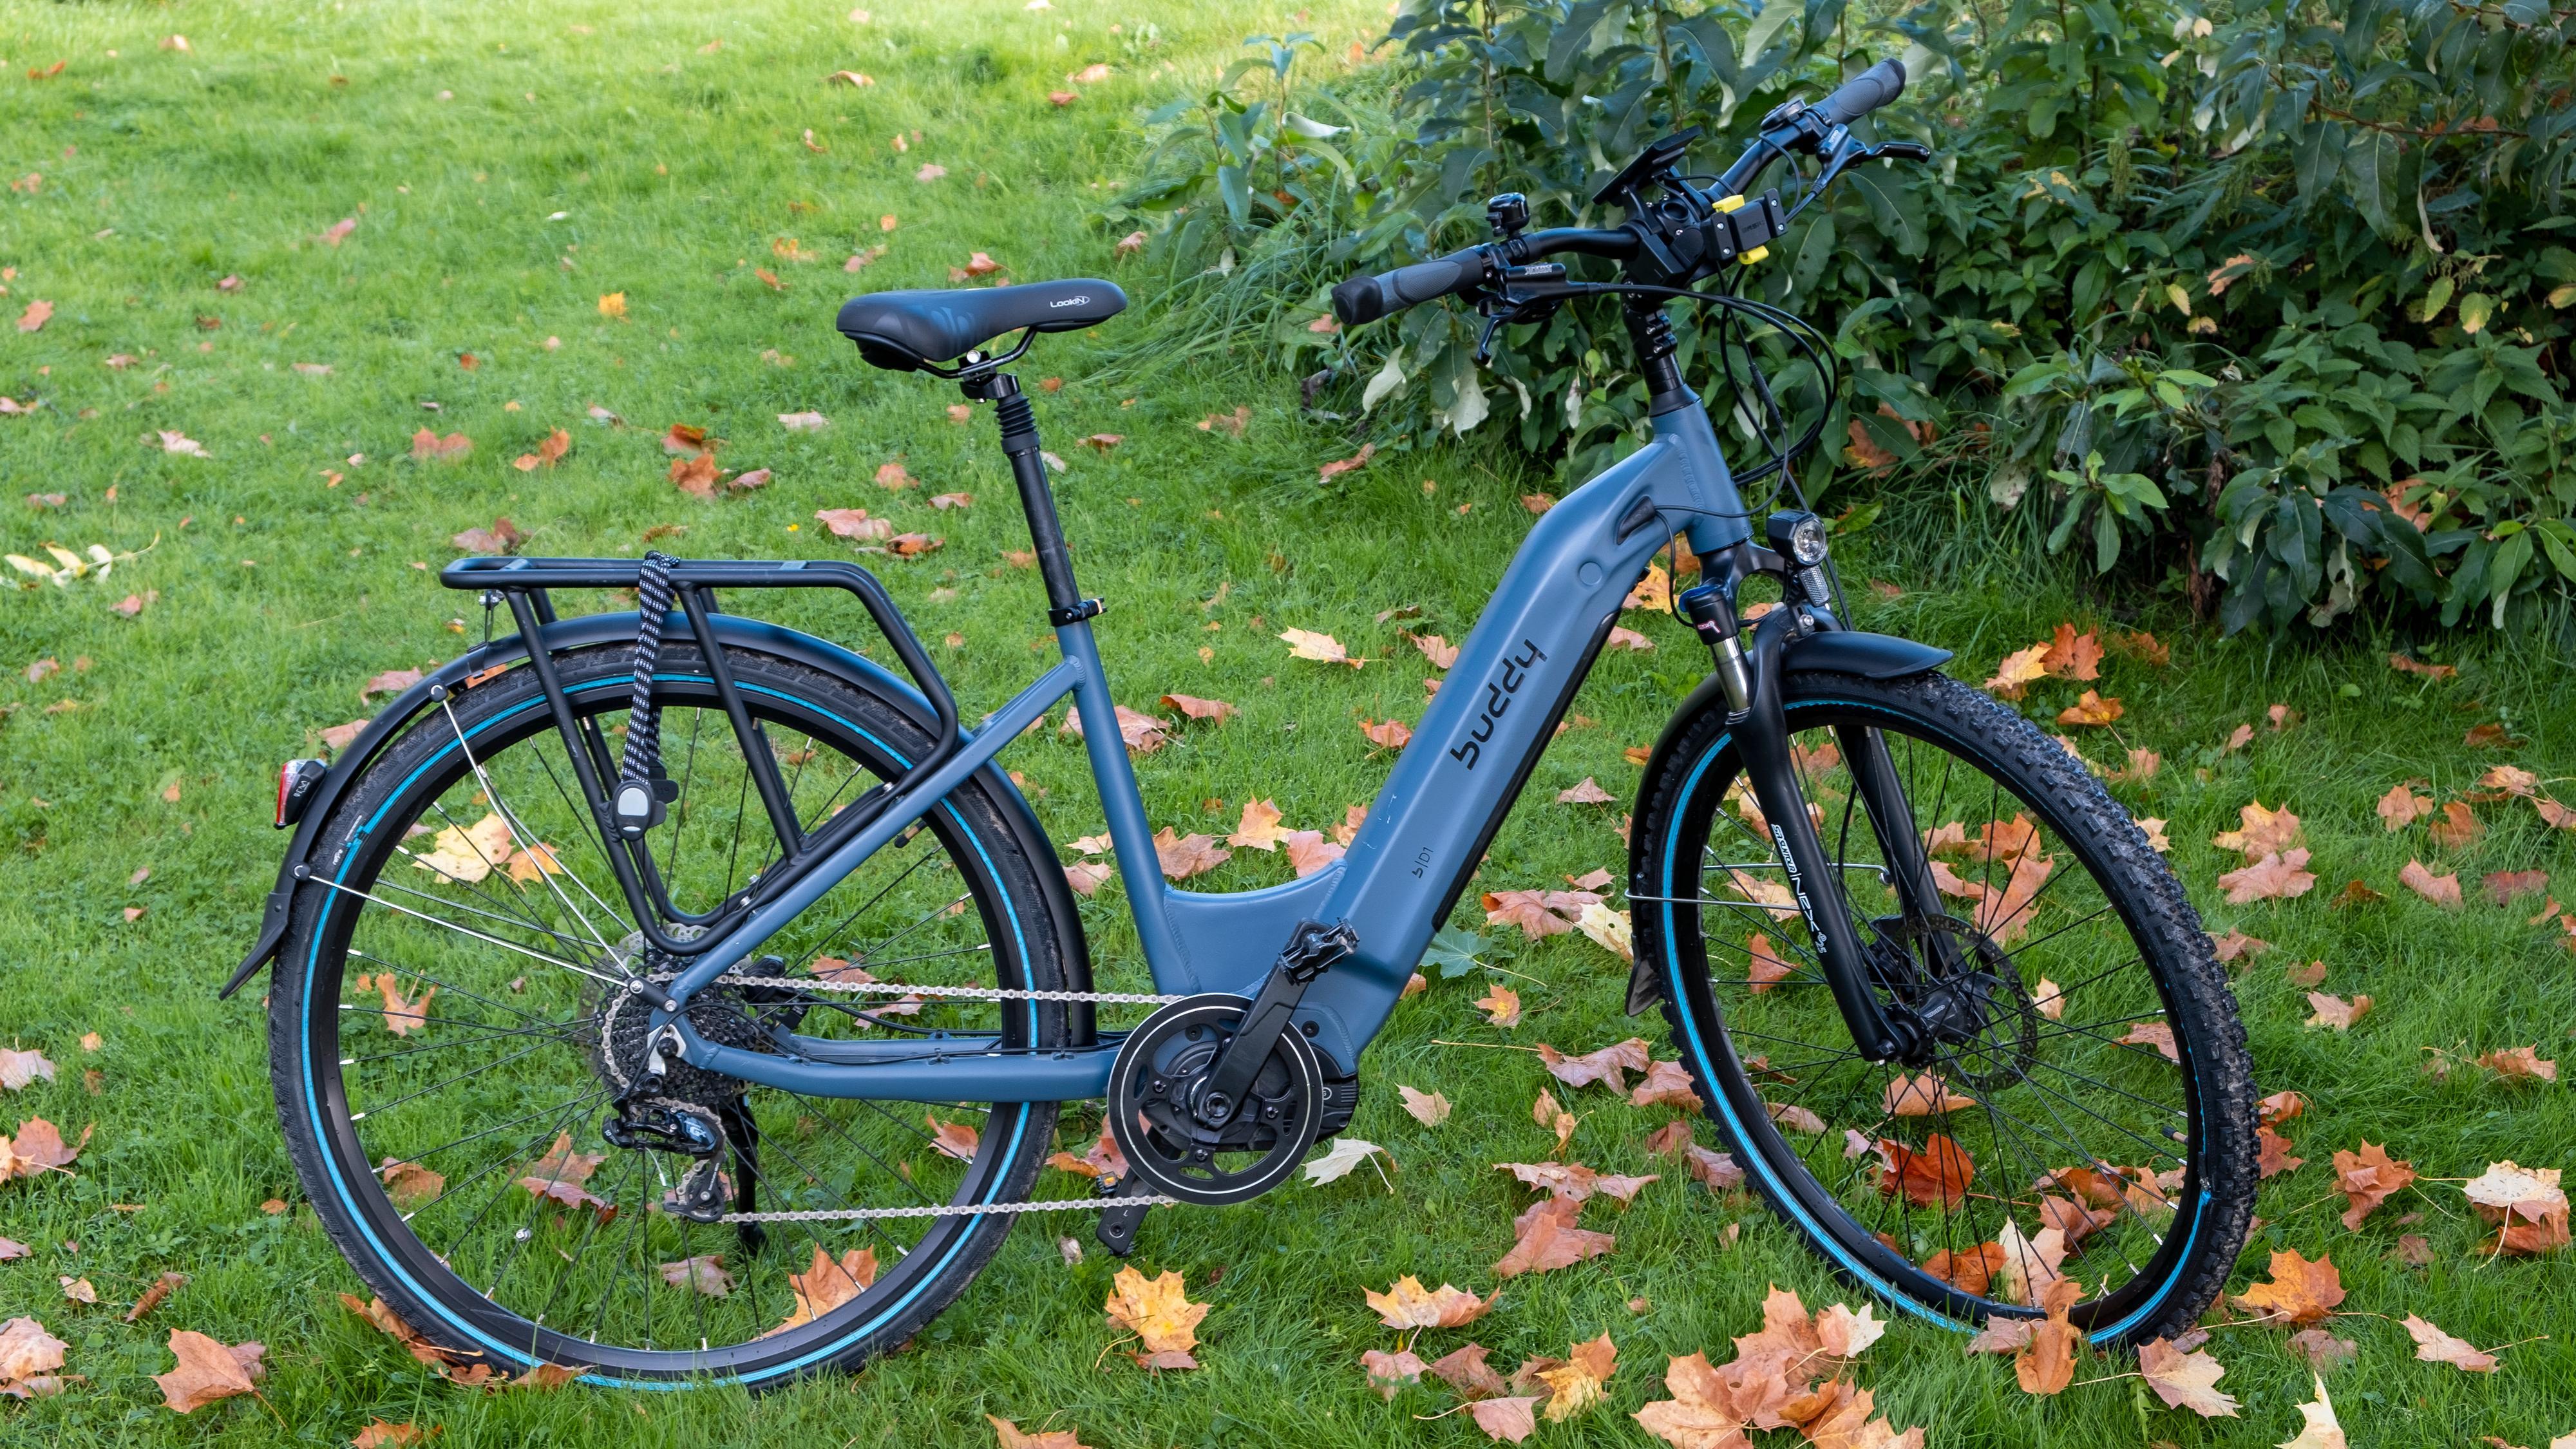 Enkelt og greit - byggekvalitet, komplett tilbehørspakke og motor og gir gjør alle et solid og godt inntrykk på Buddy Bike D1.